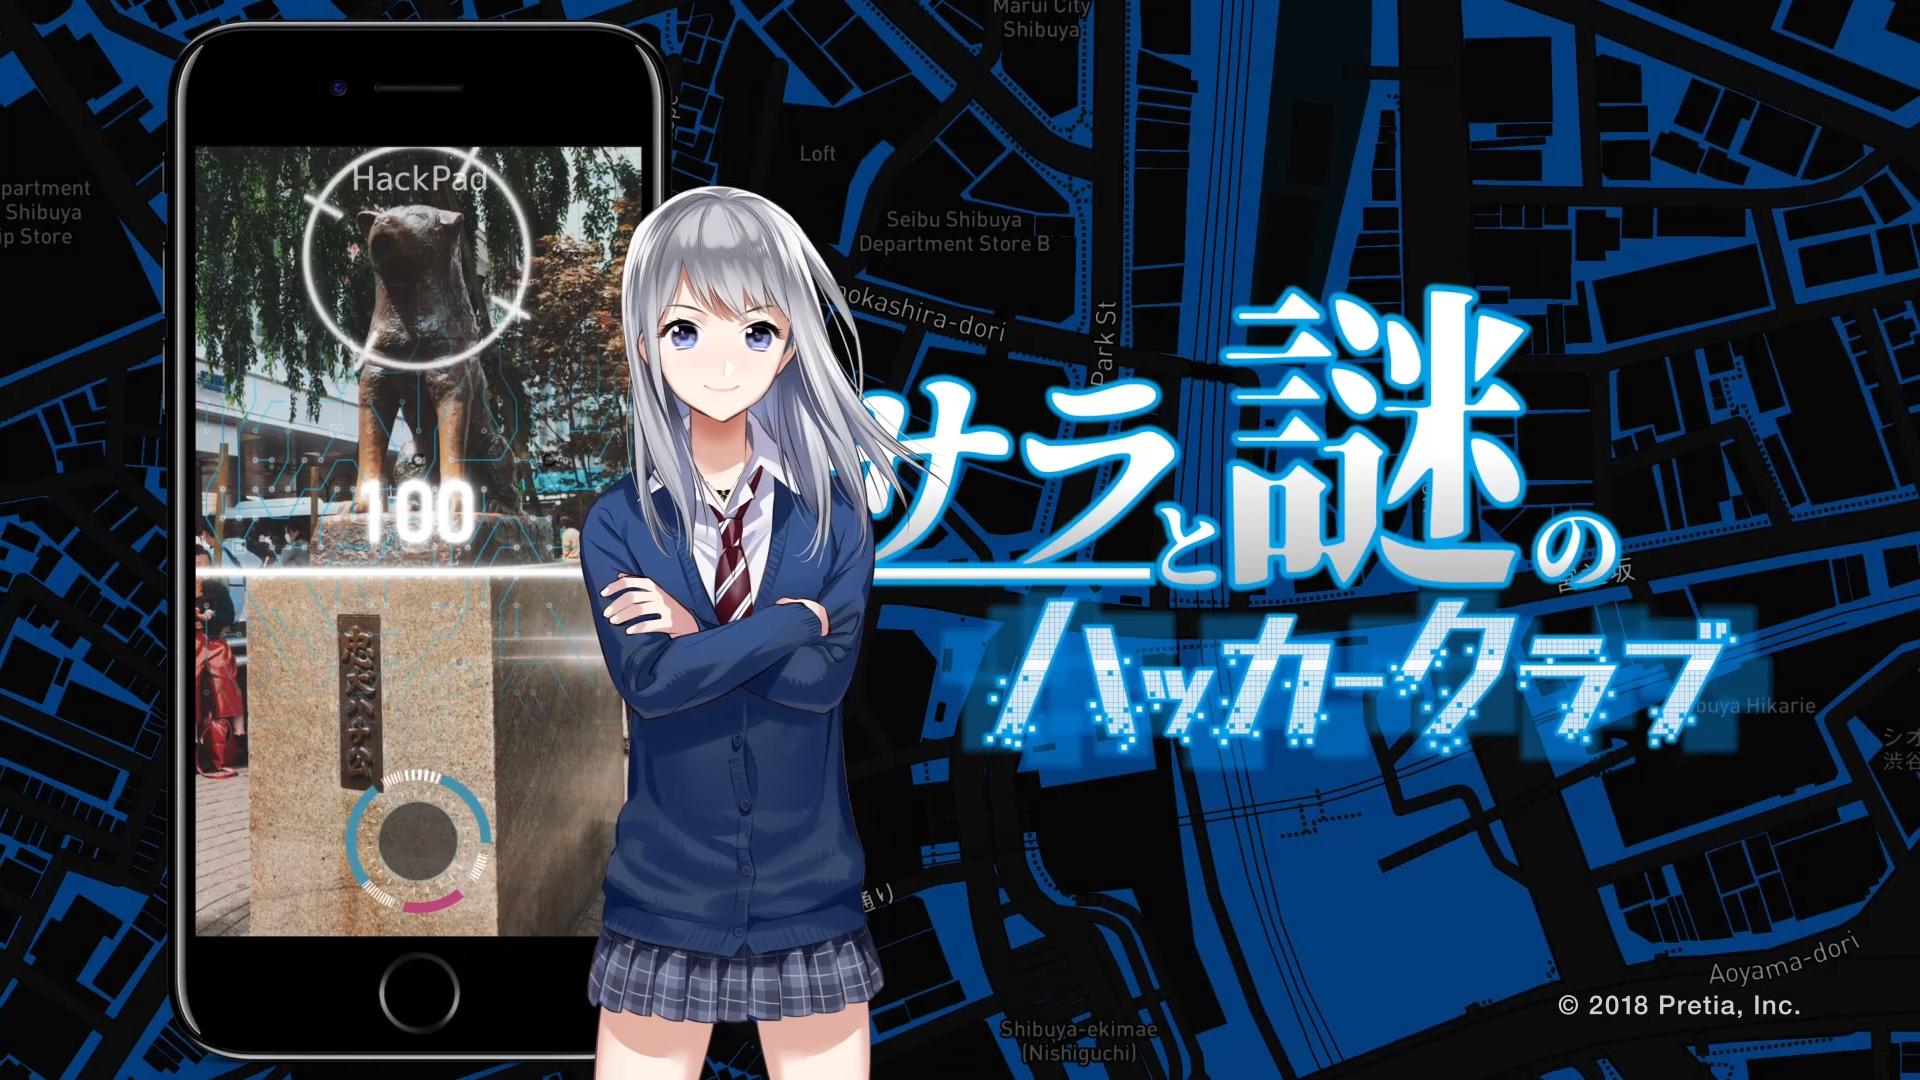 渋谷の街中でAR謎解き体験が楽しめる『サラと謎のハッカークラブ』8月4日(土)から開催!